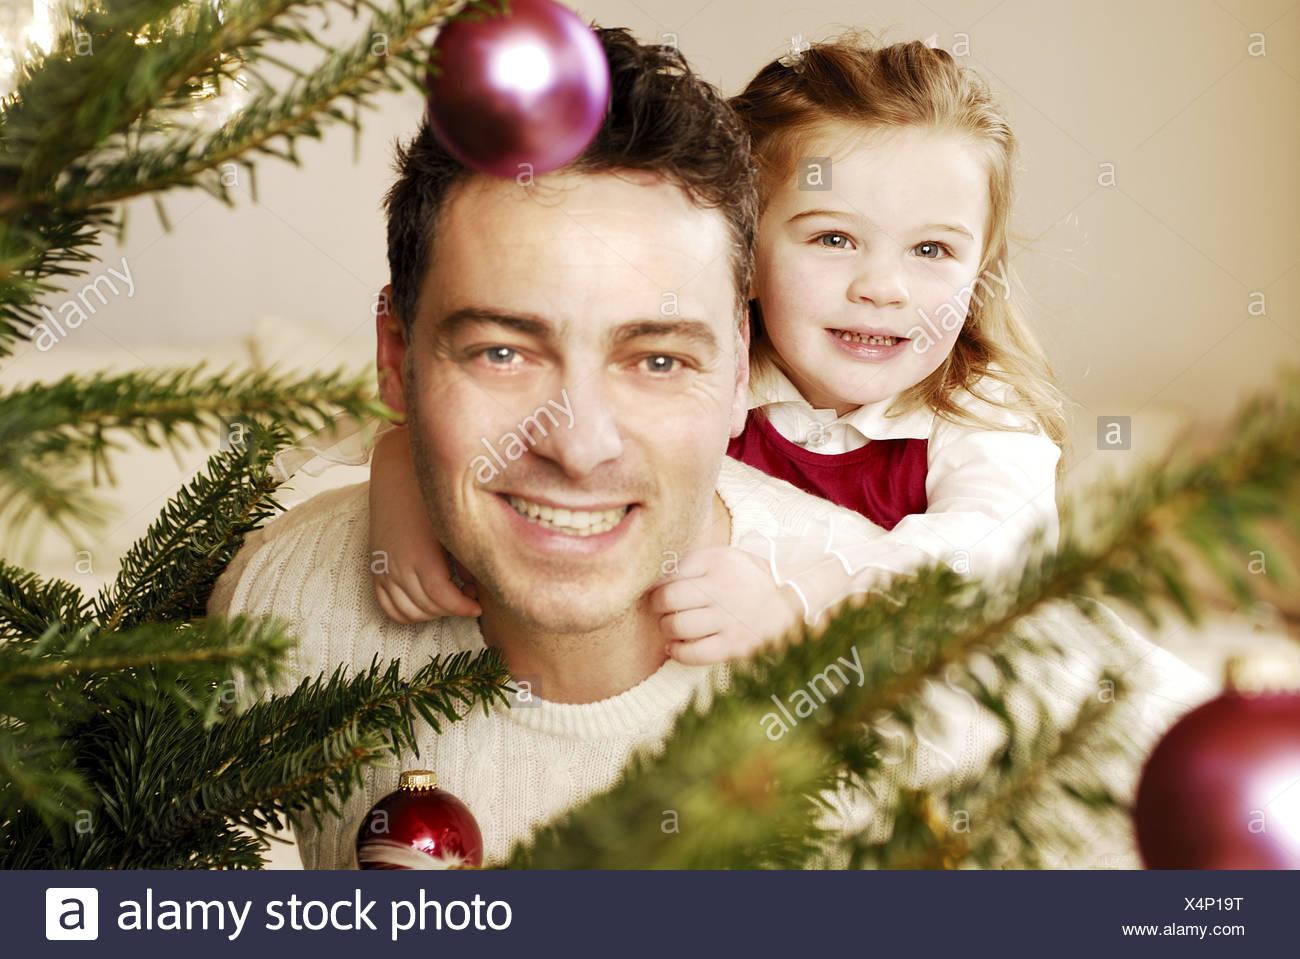 Vater Tochter Weihnachten Weihnachtsbaum anzeigen fröhlich Porträt ...